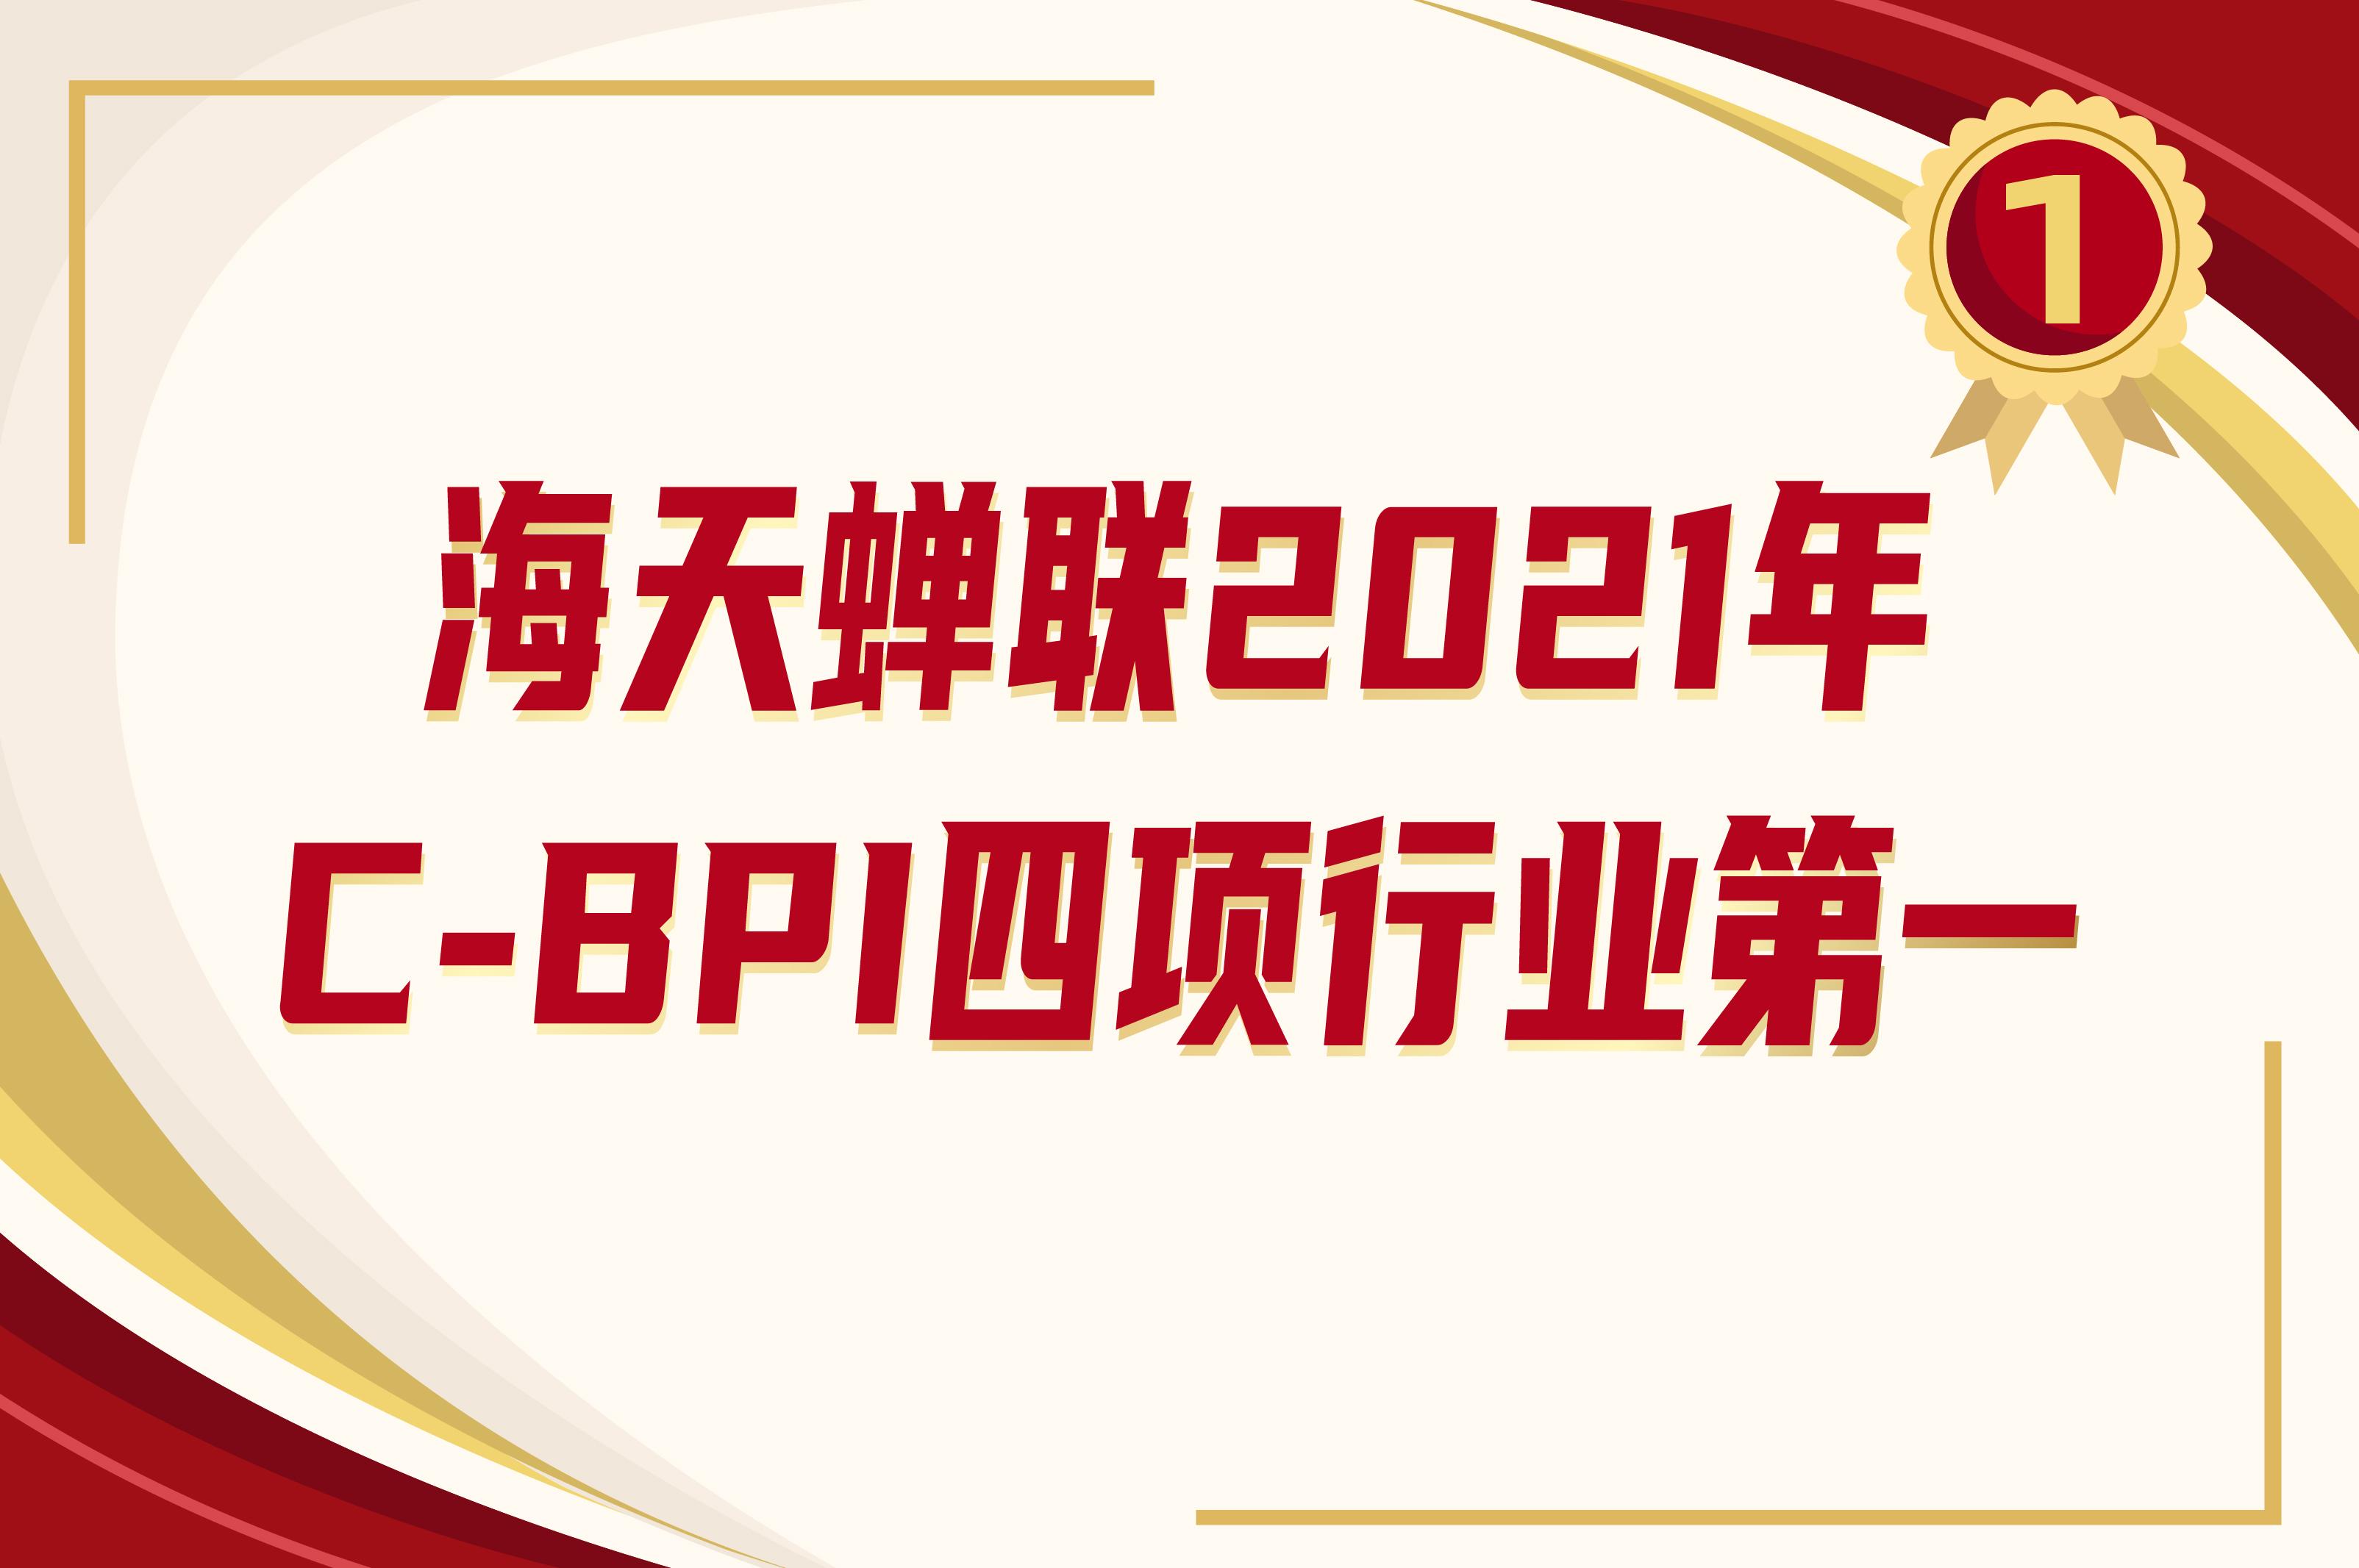 产品赋能品牌蓬勃发展,beplay体育官网网站味业再获2021C-BPI四项行业第一